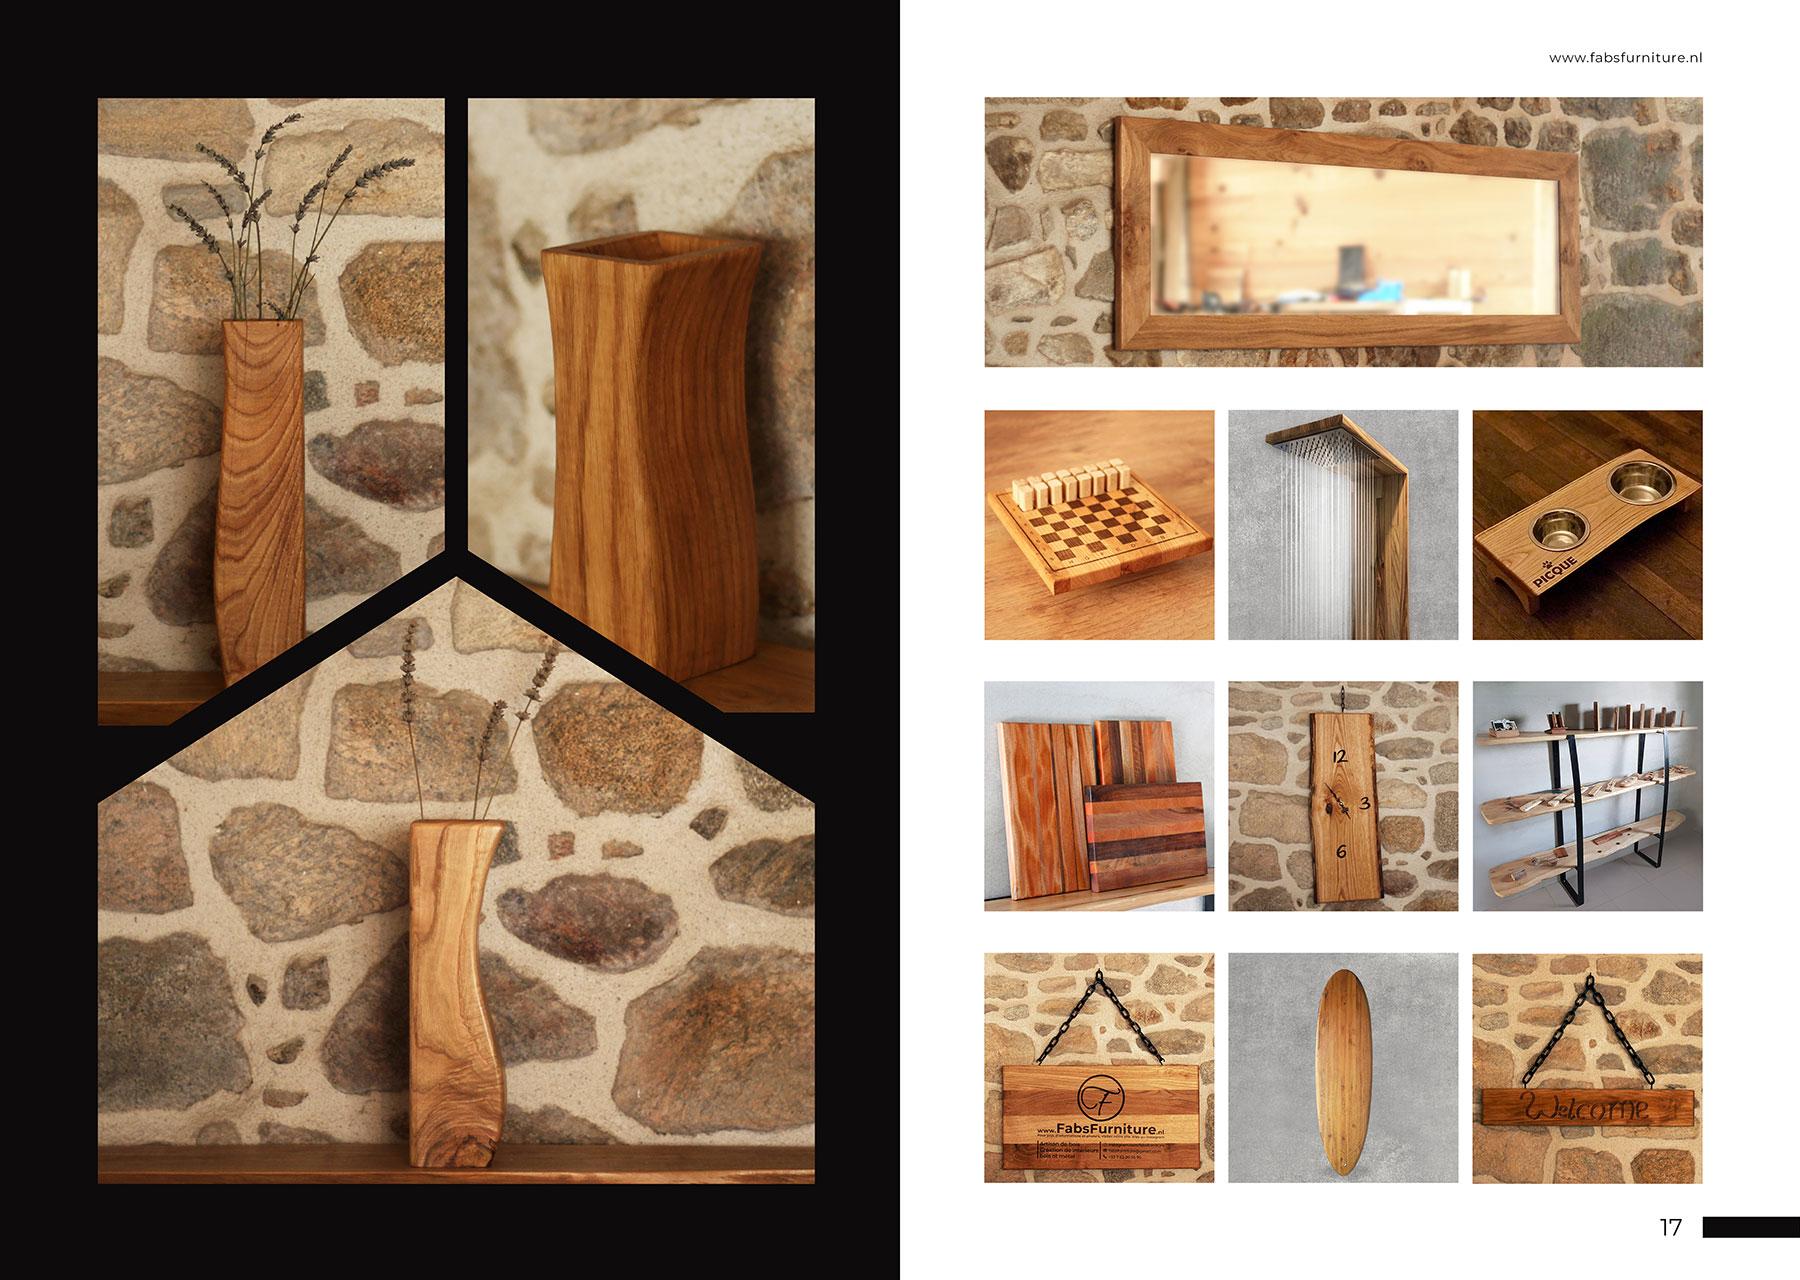 FabsFurniture Europe Portfolio - 2021 - wooden vase - shower head